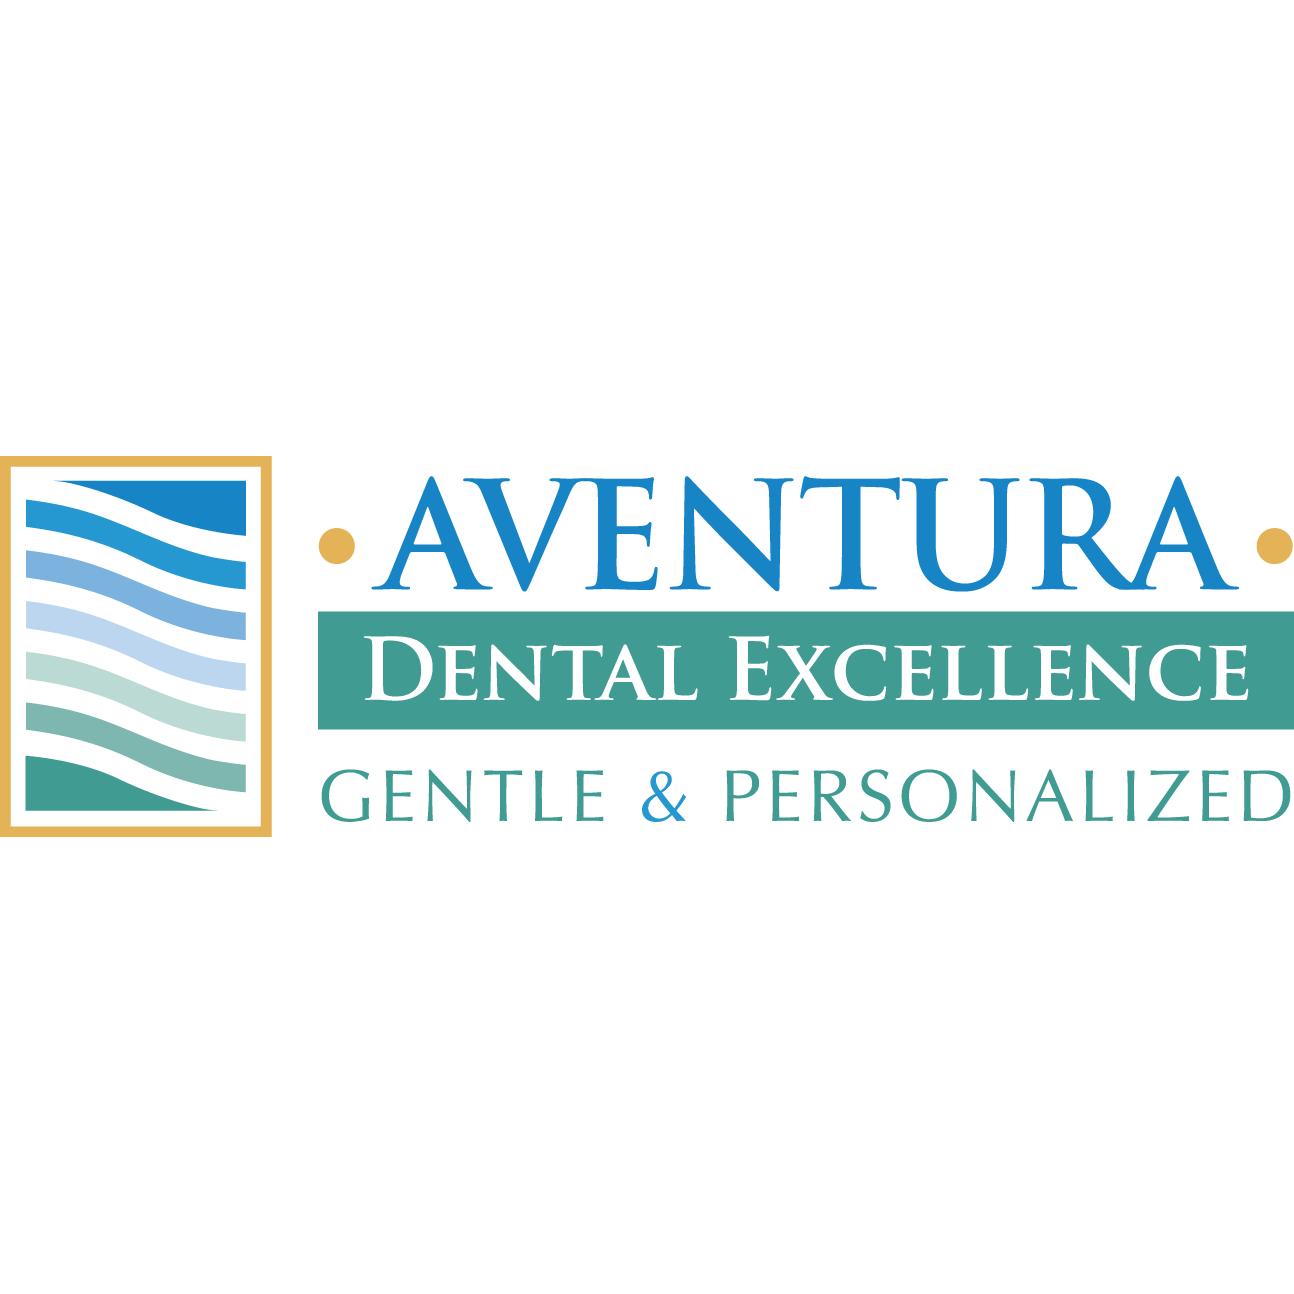 Aventura Dental Excellence: Gary R. Weider, DMD